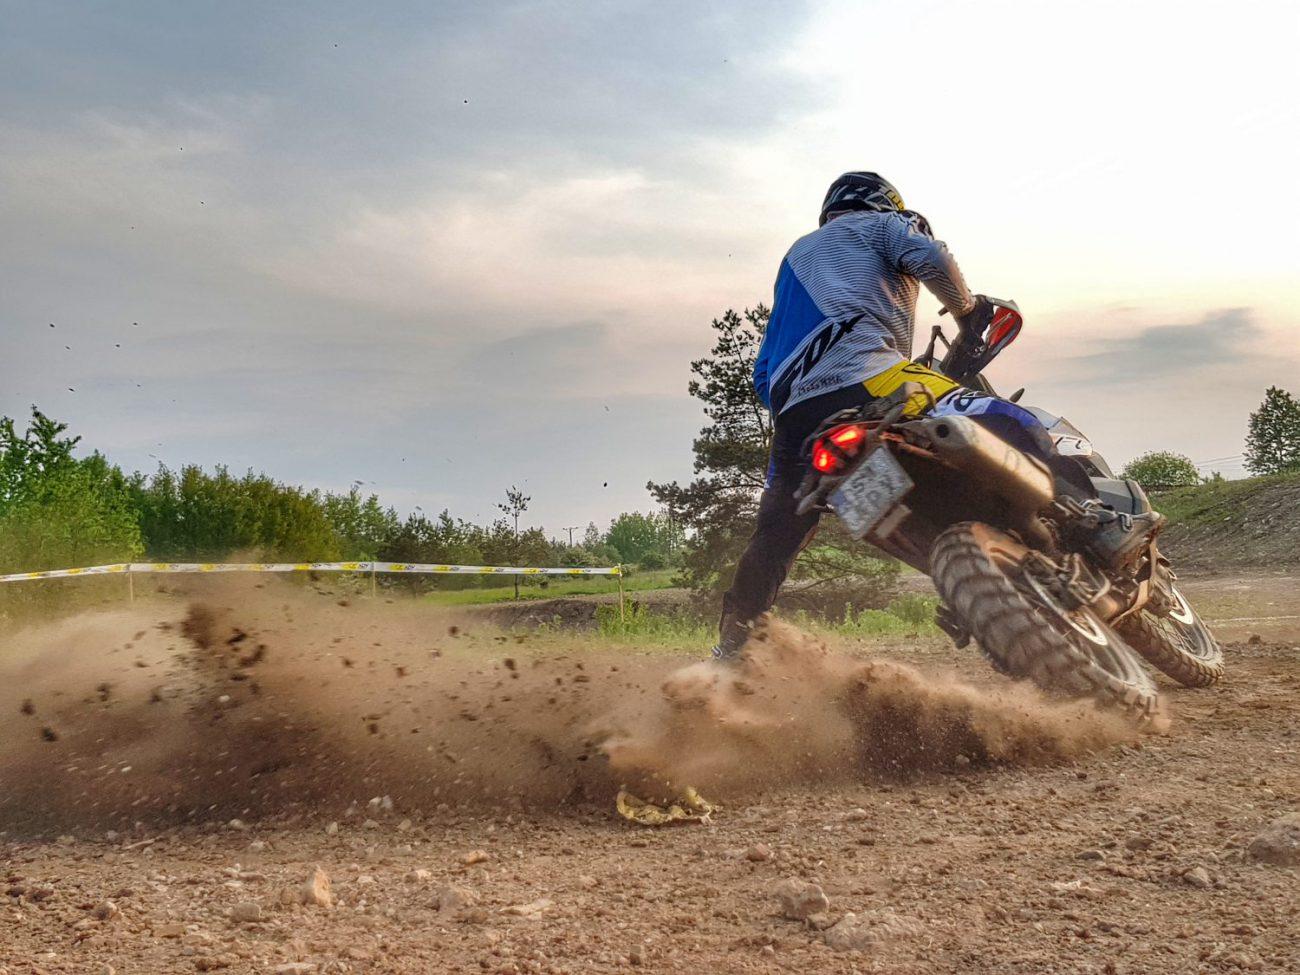 turn slide dynamiczne zawracanie motocyklem